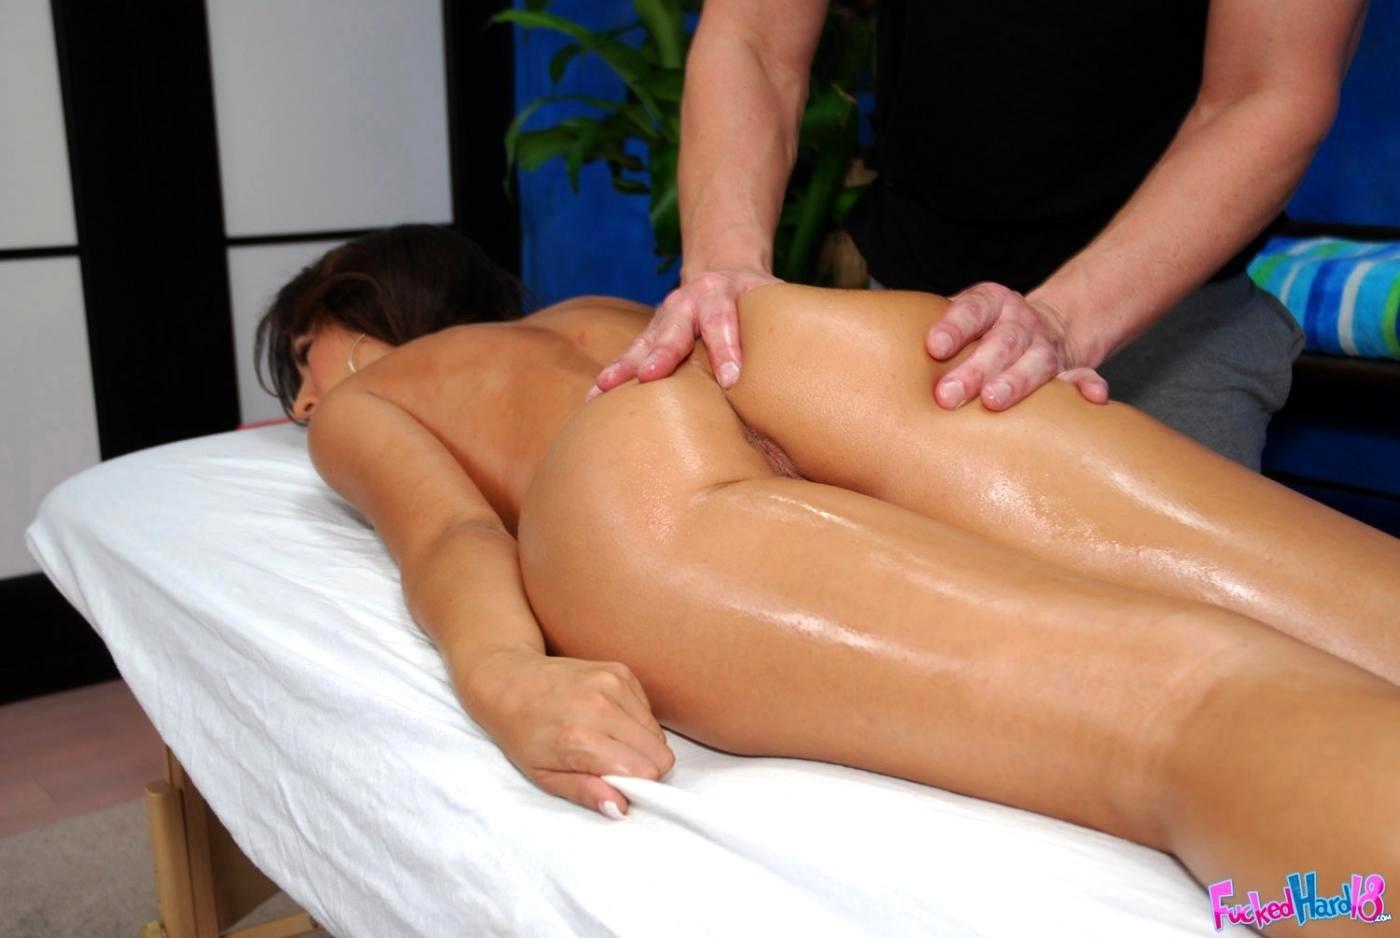 Эротический массаж что включает видео боюсь раскованности